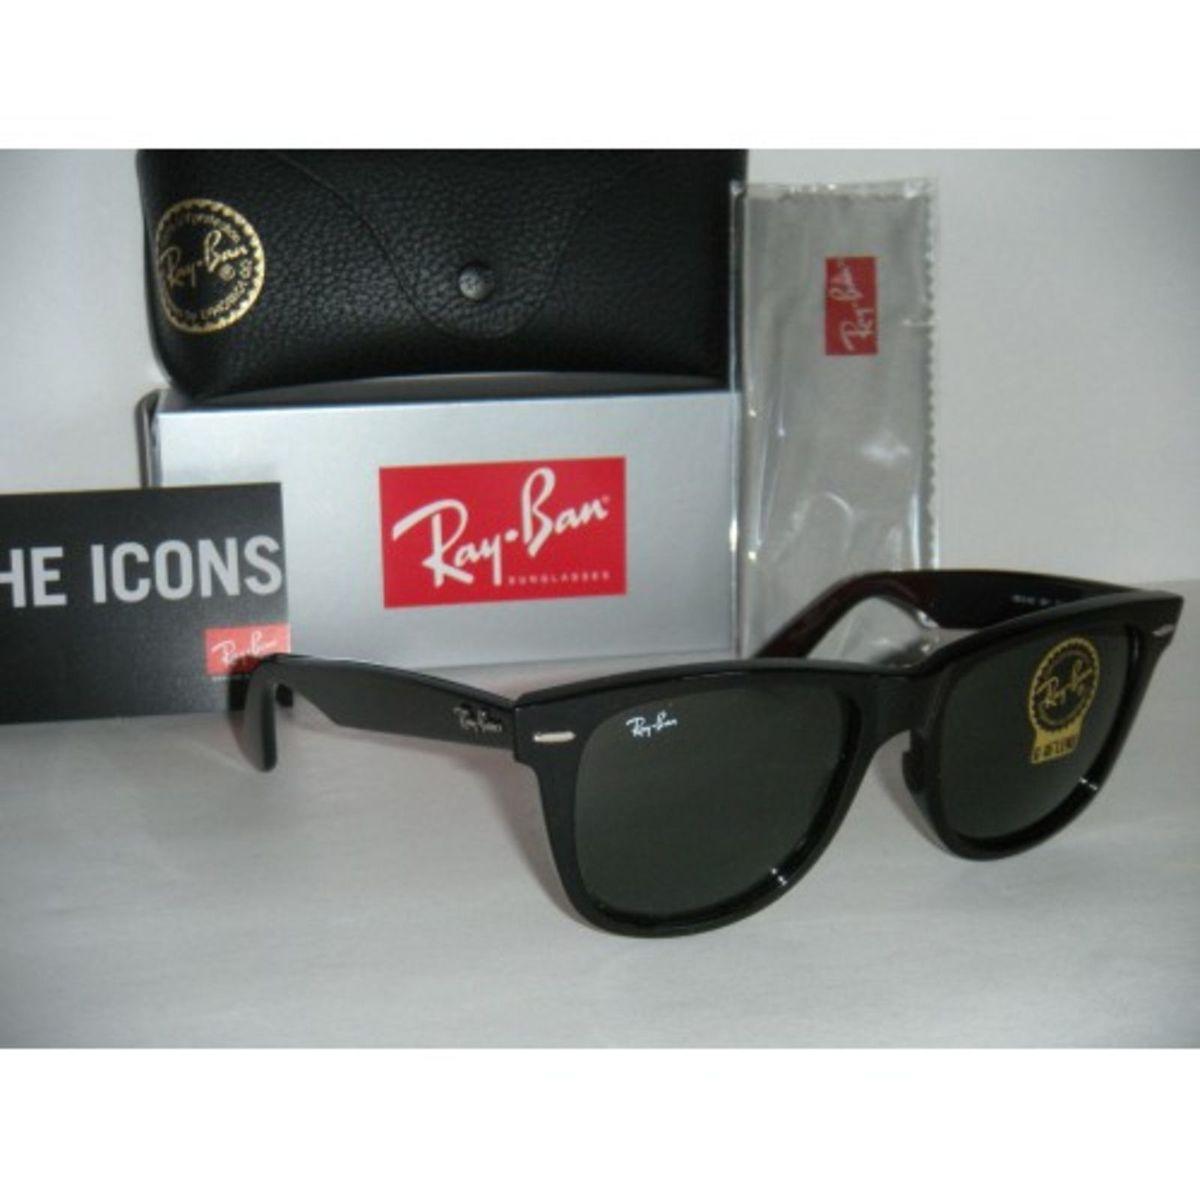 wayfarer preto grande - óculos ray-ban.  Czm6ly9wag90b3muzw5qb2vplmnvbs5ici9wcm9kdwn0cy8xmdyxotg1lzzhzjmyztviotfmndc4y2i0yzg3y2ywotawngvlmzexlmpwzw  ... e95c413408